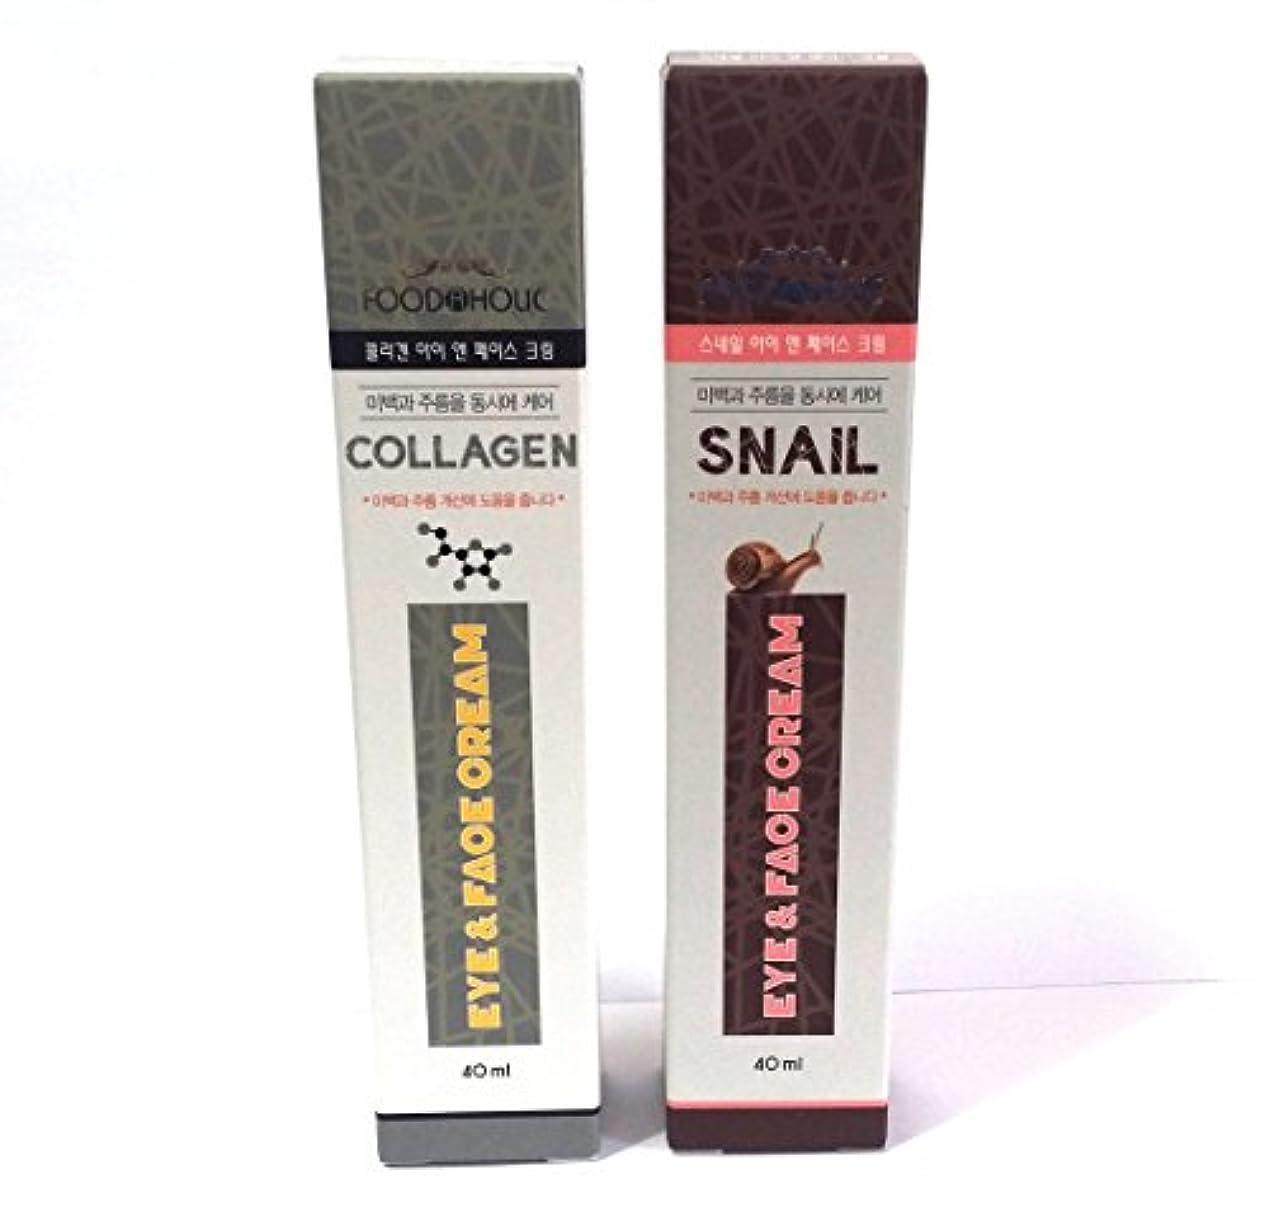 鷲結論助言する[Foodaholic] コラーゲン1ea + カタツムリ1ea /Collagen 1ea + Snail 1ea /アイ&フェースクリーム40ml /美白&弾力/韓国化粧品 / Eye And Face Cream...